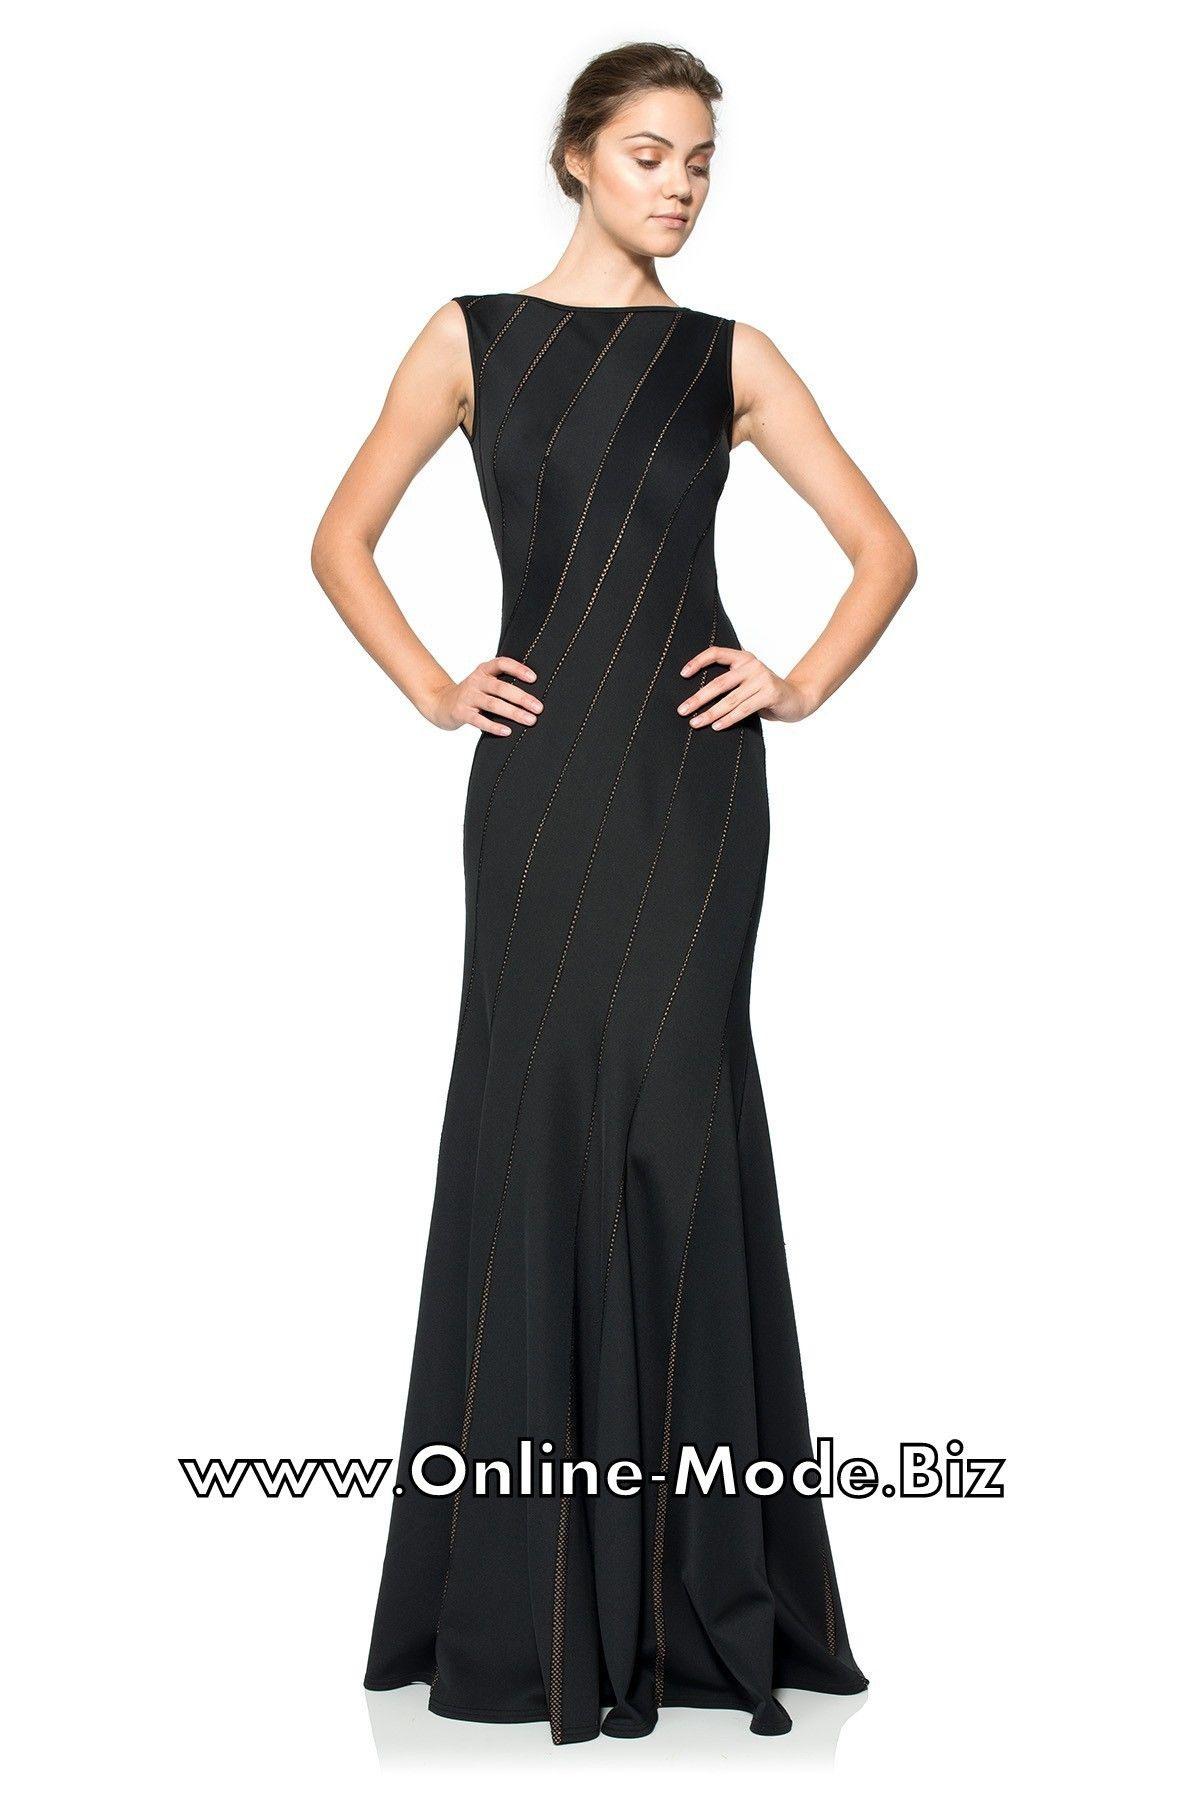 Leicht Abendkleider Xxl Online Bestellen SpezialgebietDesigner Kreativ Abendkleider Xxl Online Bestellen für 2019